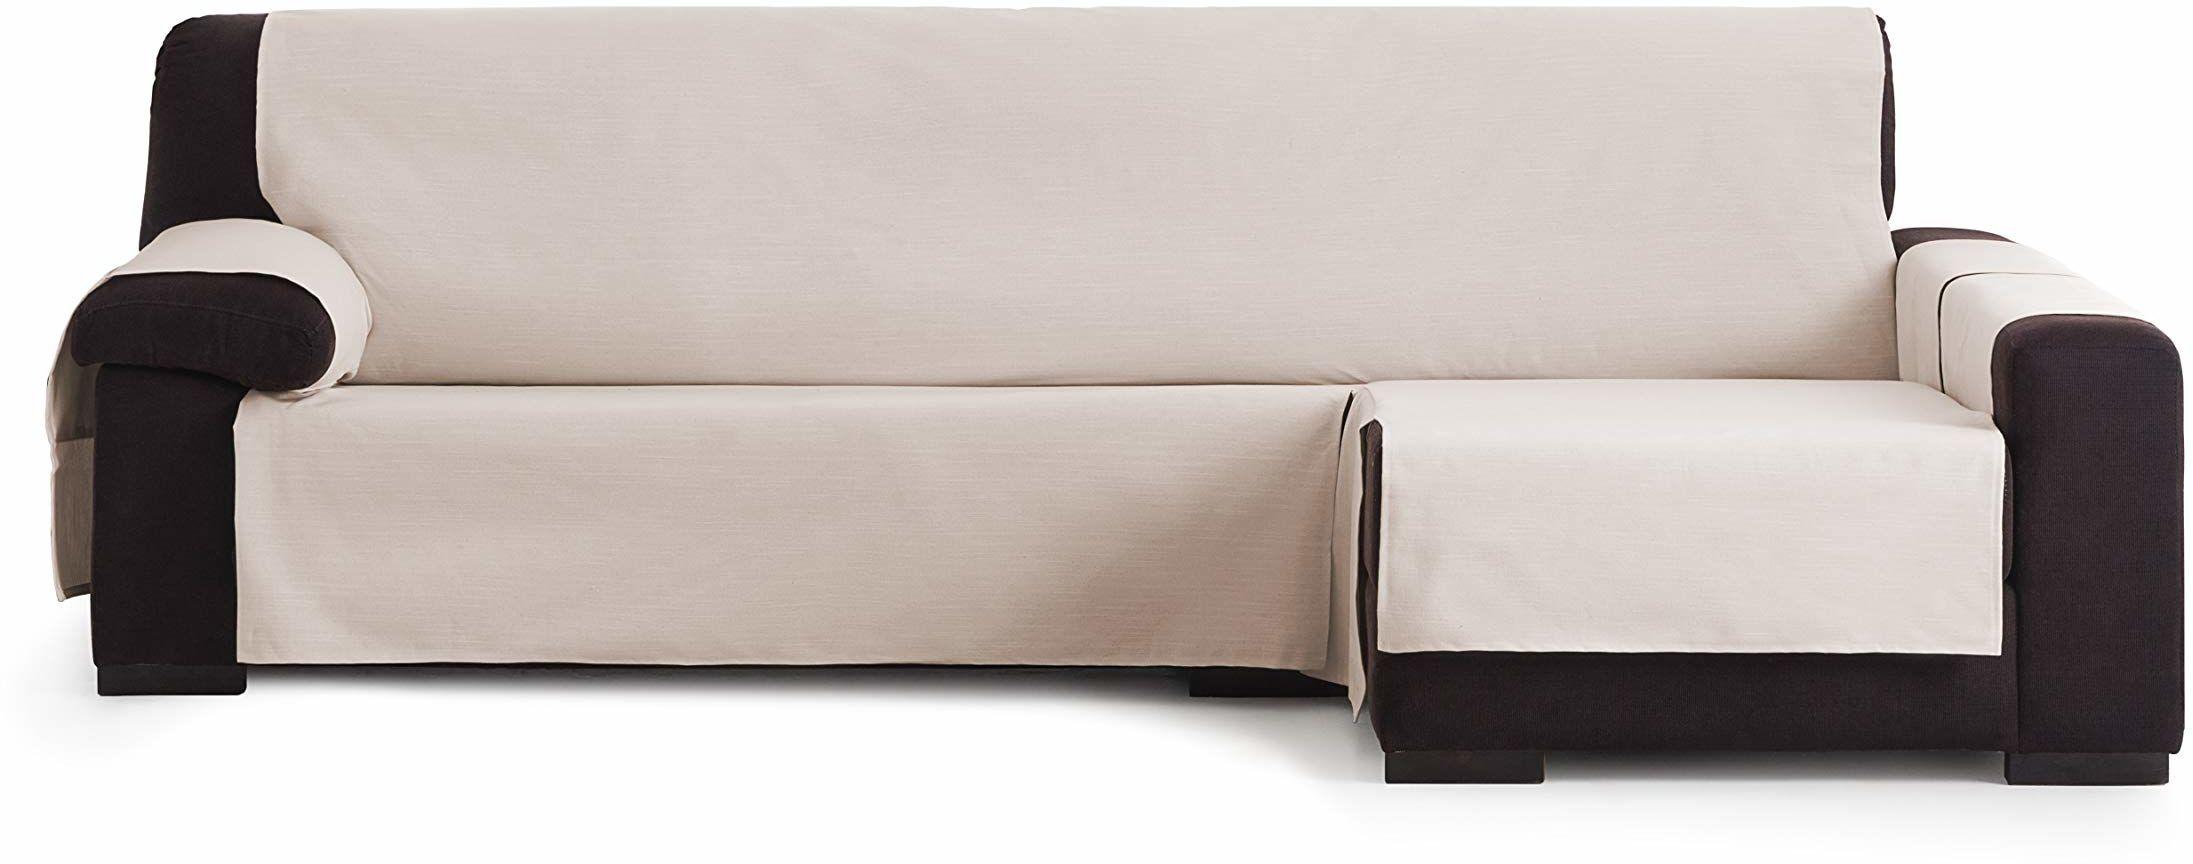 Eysa Garona Protect wodoodporna i oddychająca narzuta na sofę, 90% bawełna, 10% poliester, szara, 290 cm